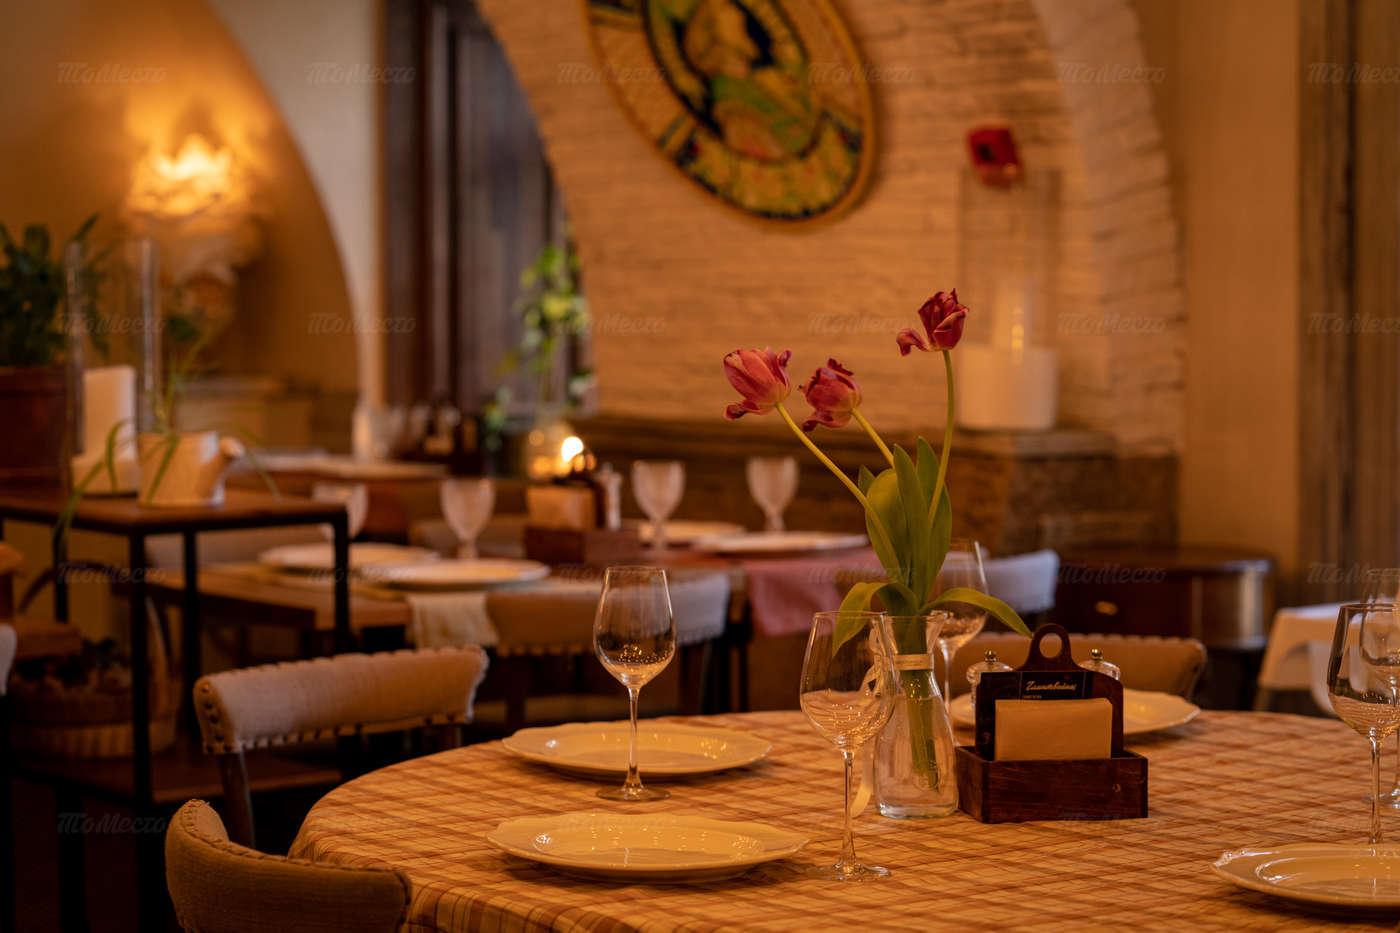 Ресторан Роберто (бывш. La Cantinetta da Roberto) на Рождественской улице фото 4